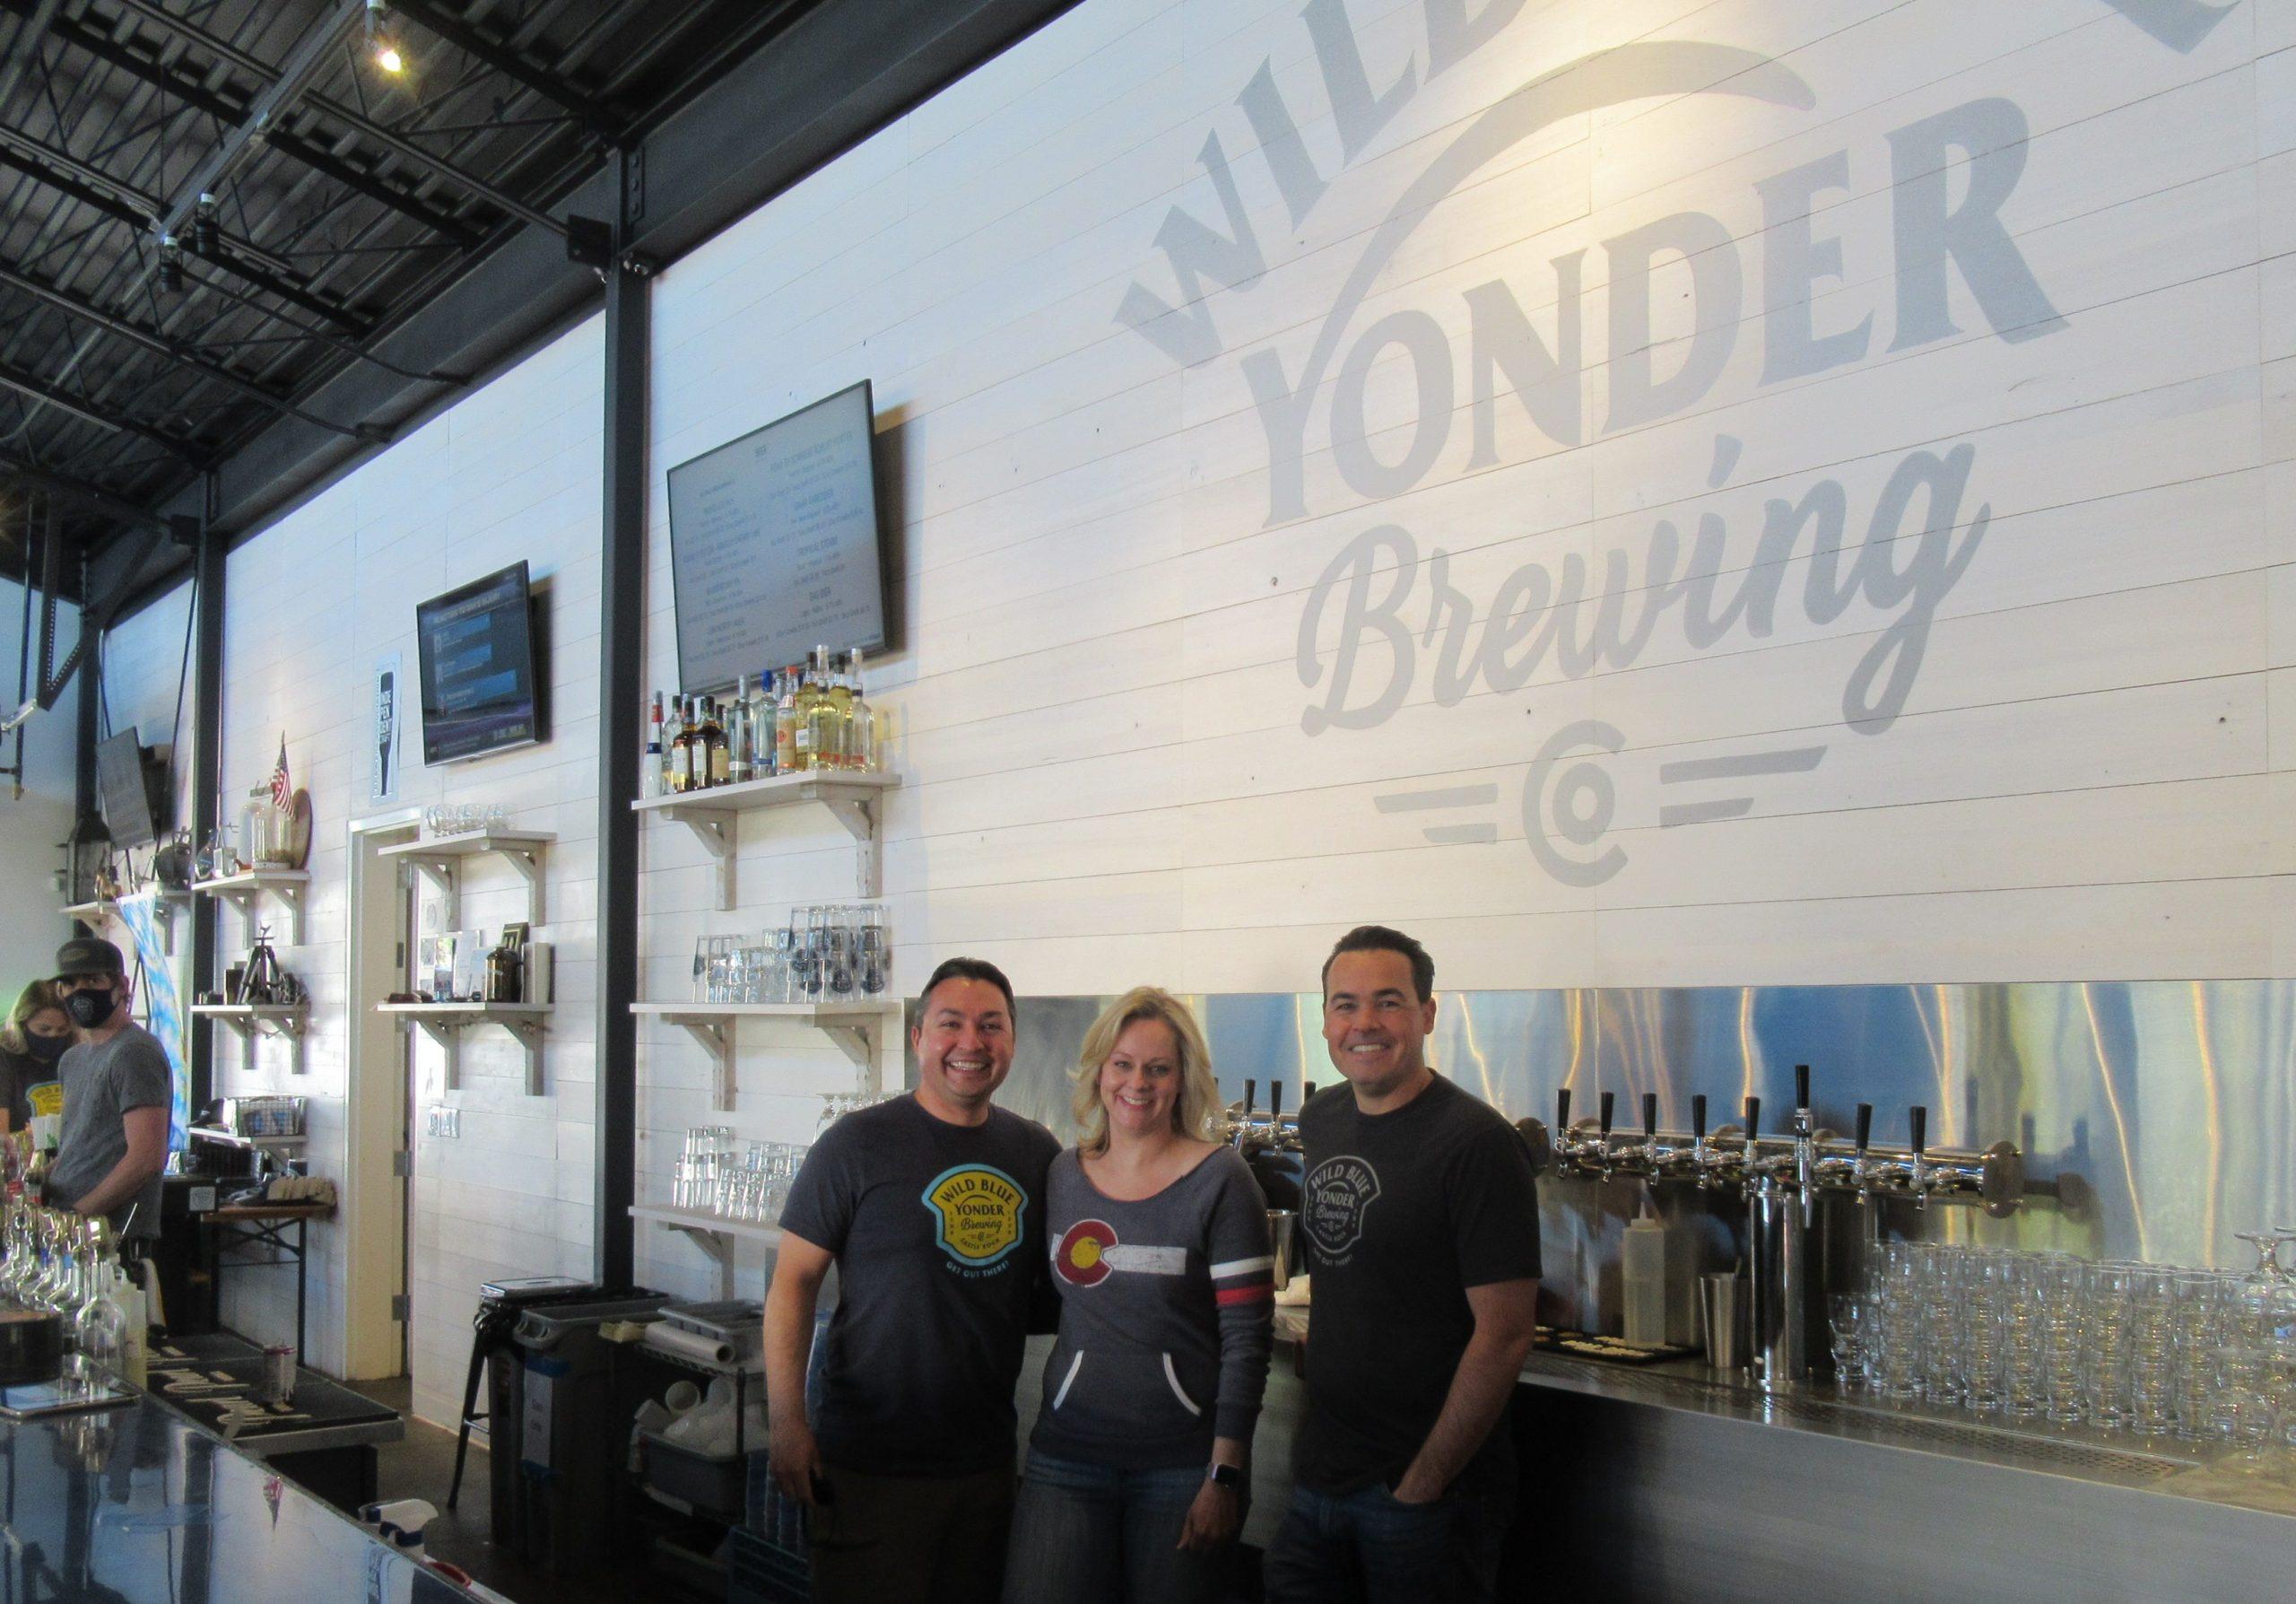 Wild Blue Yonder Brewing